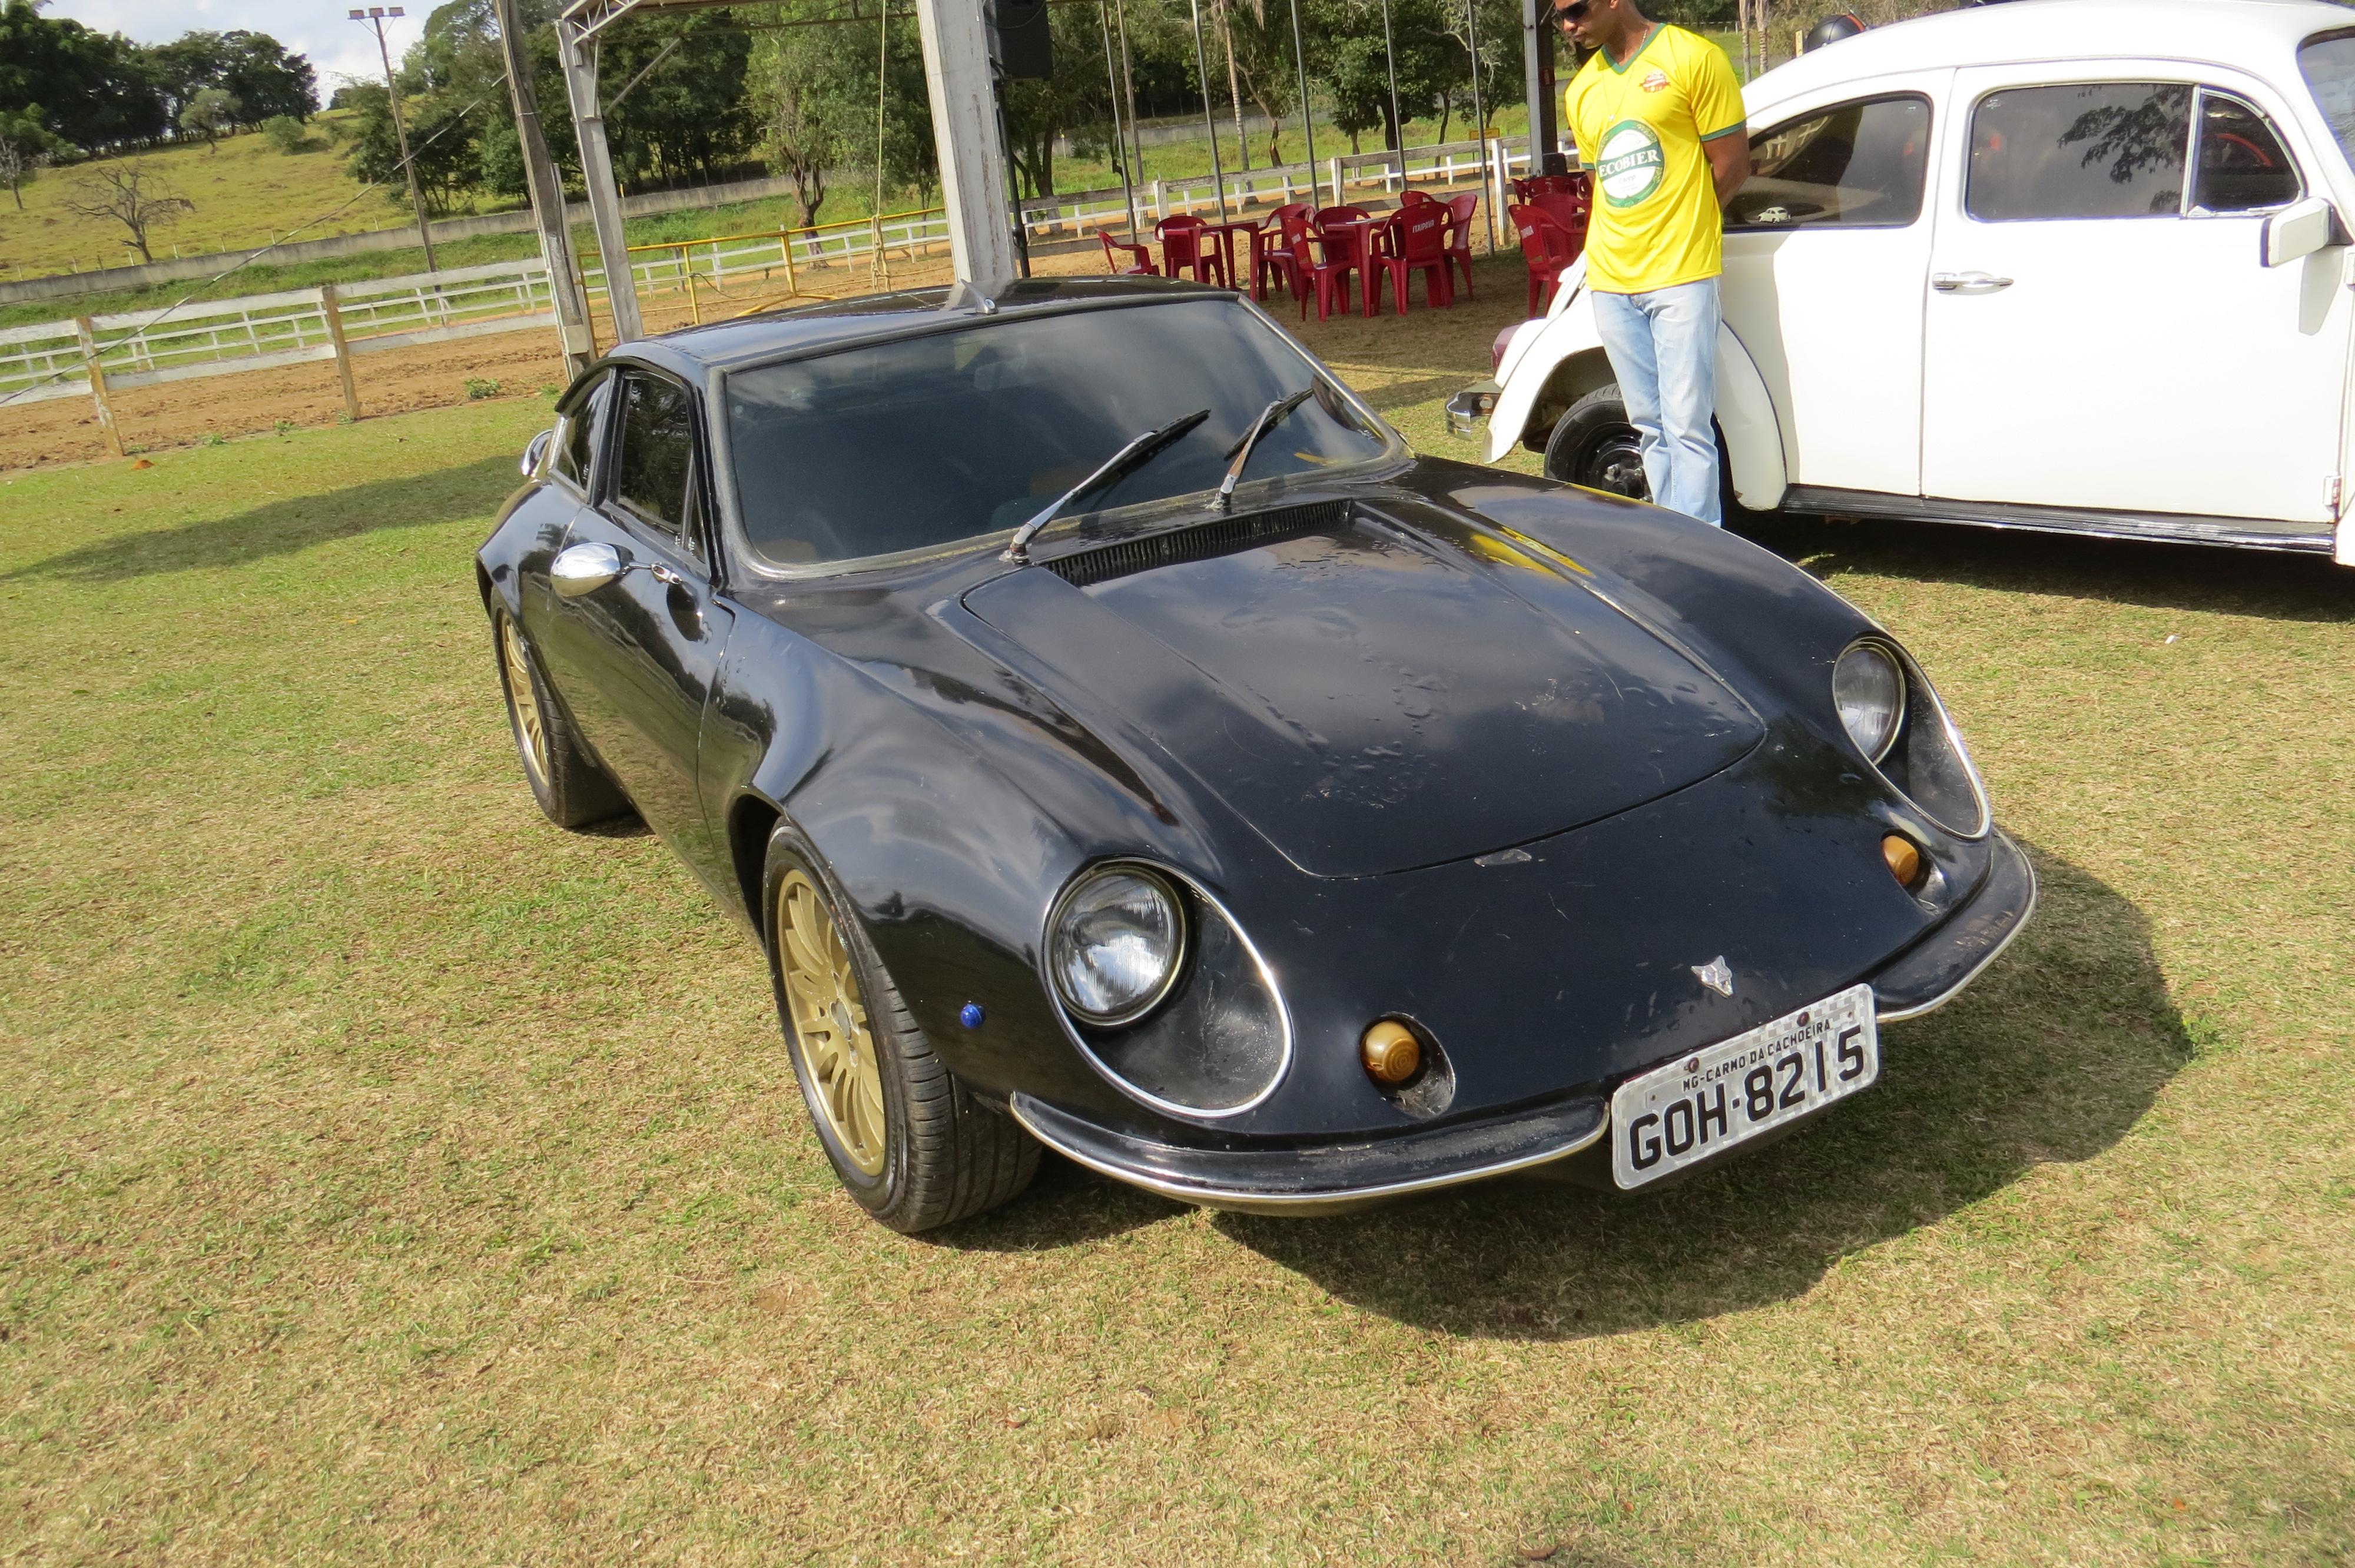 IMG 4932 - 3º Grande Encontro dos Carros Antigos do Sul de Minas